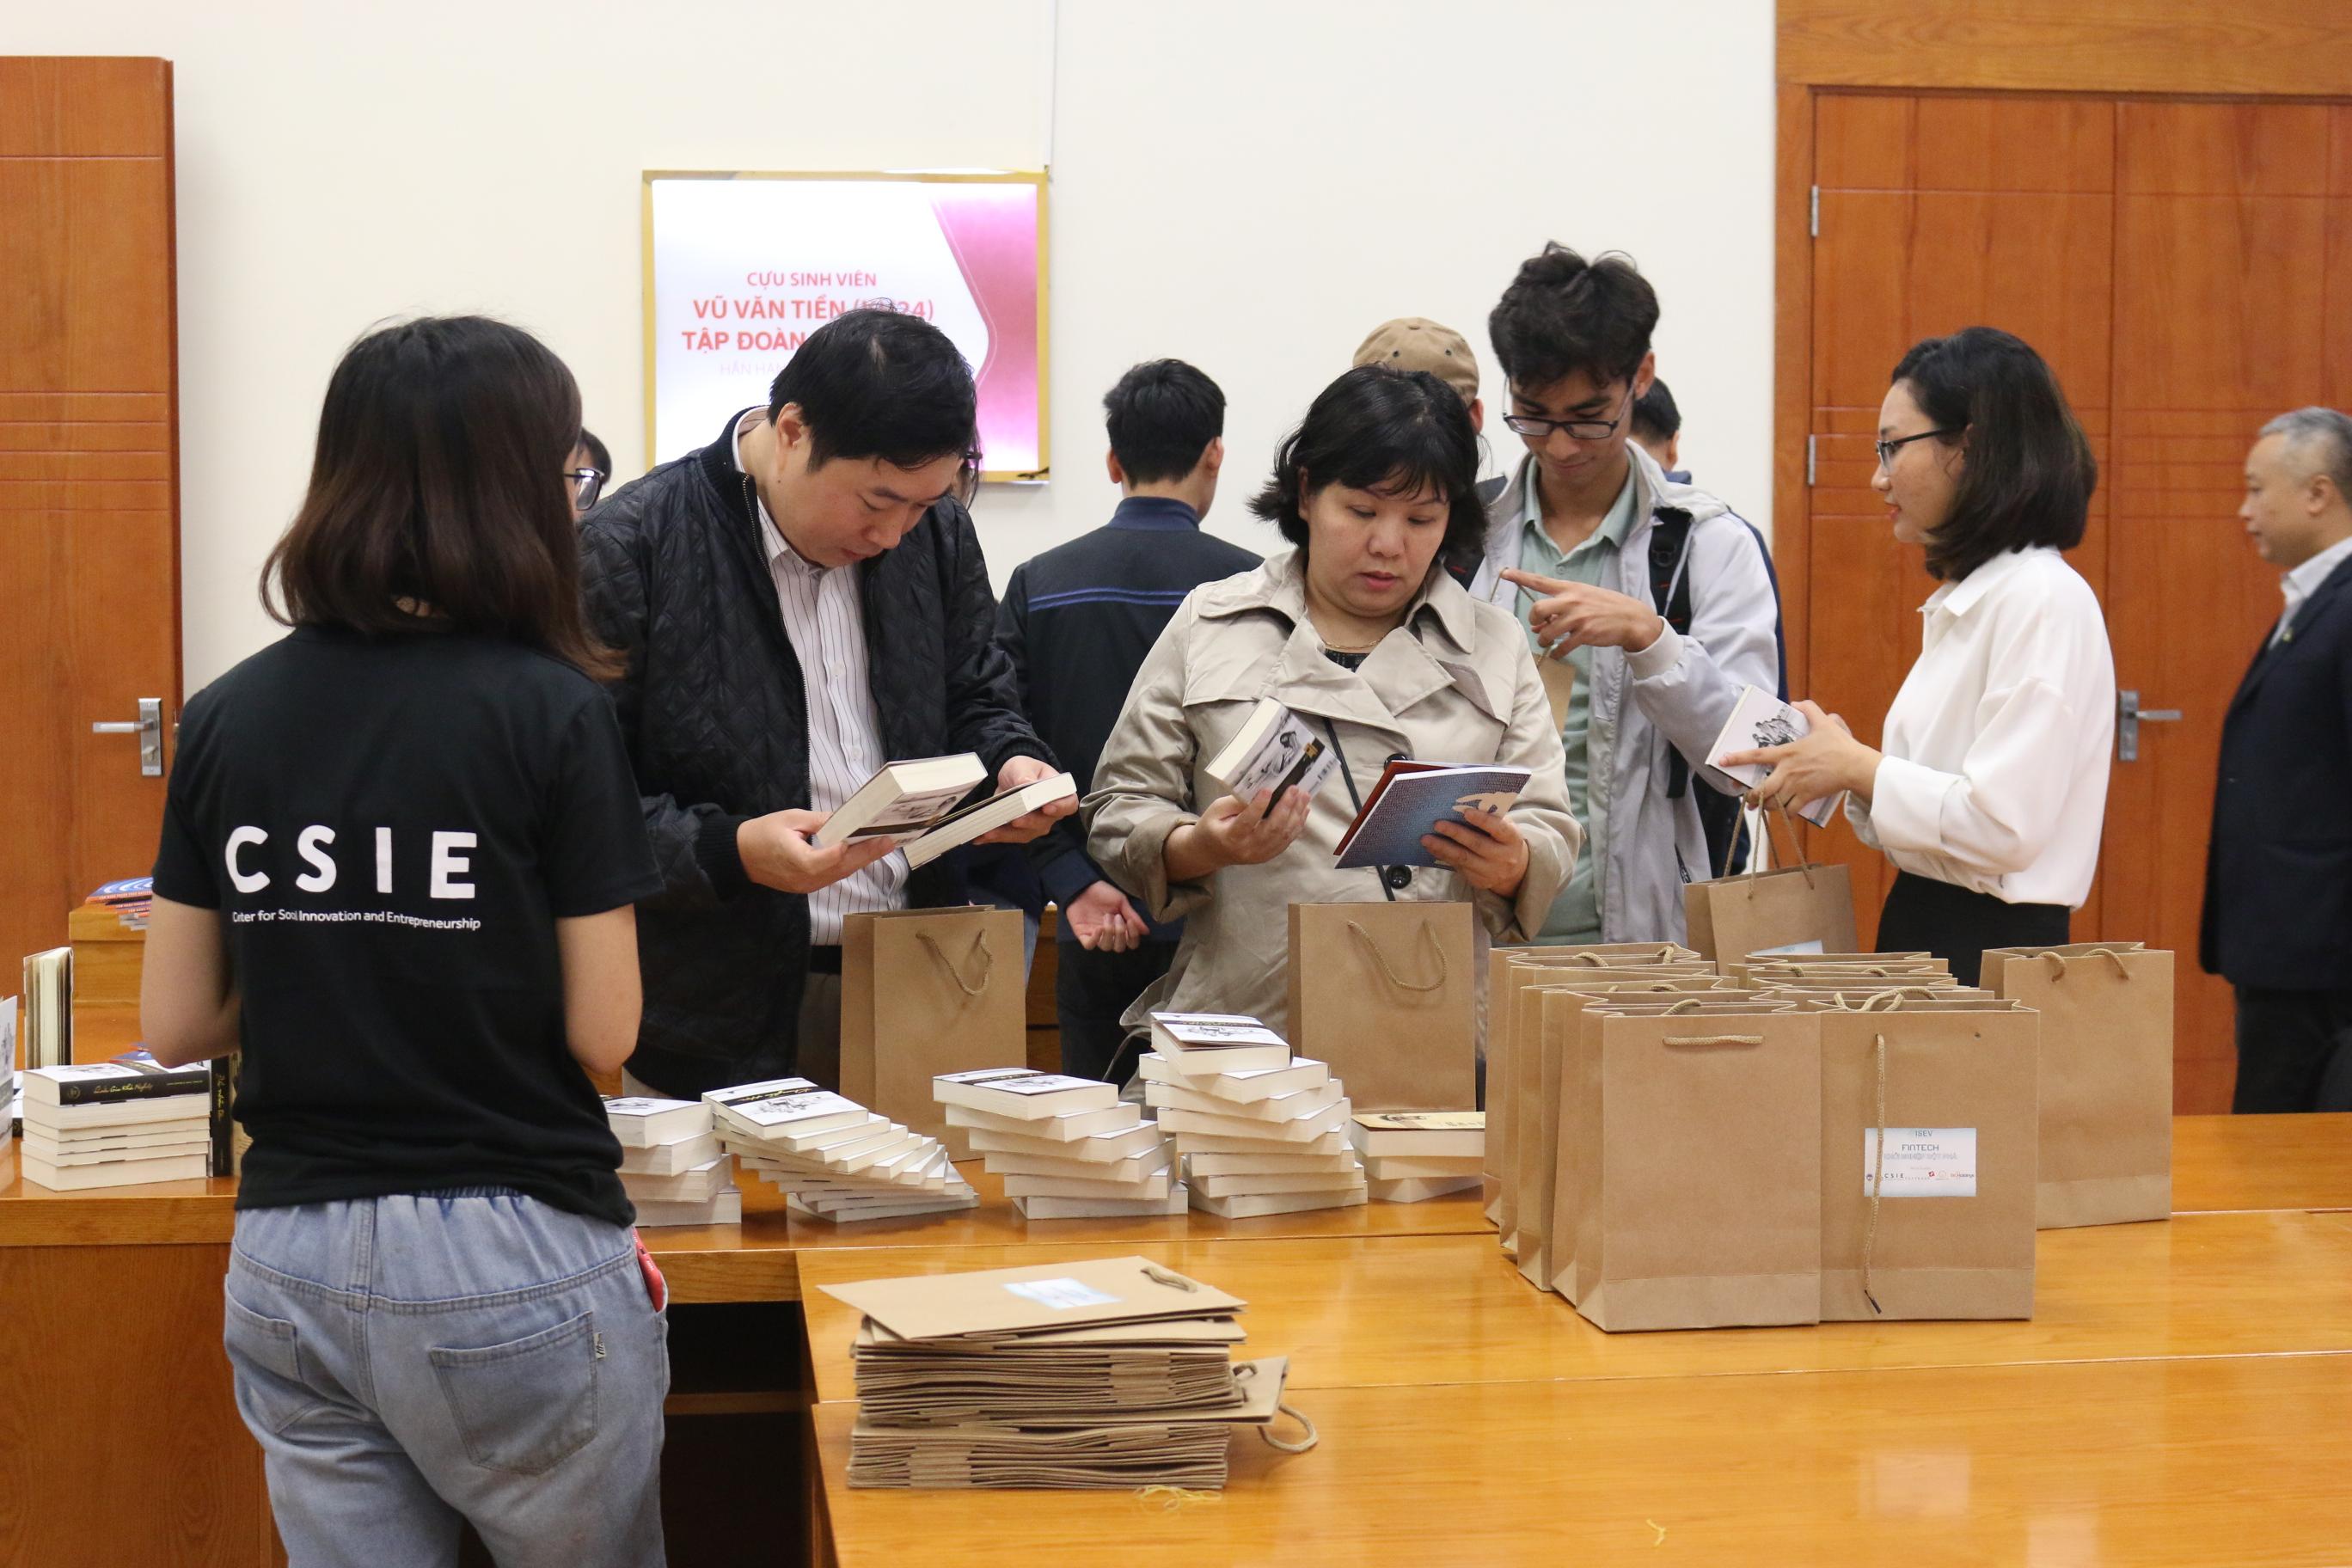 Tập đoàn Trung Nguyên và NovaEdu đã có những phần quà ý nghĩa dành cho các khách mời tham dự Hội thảo.